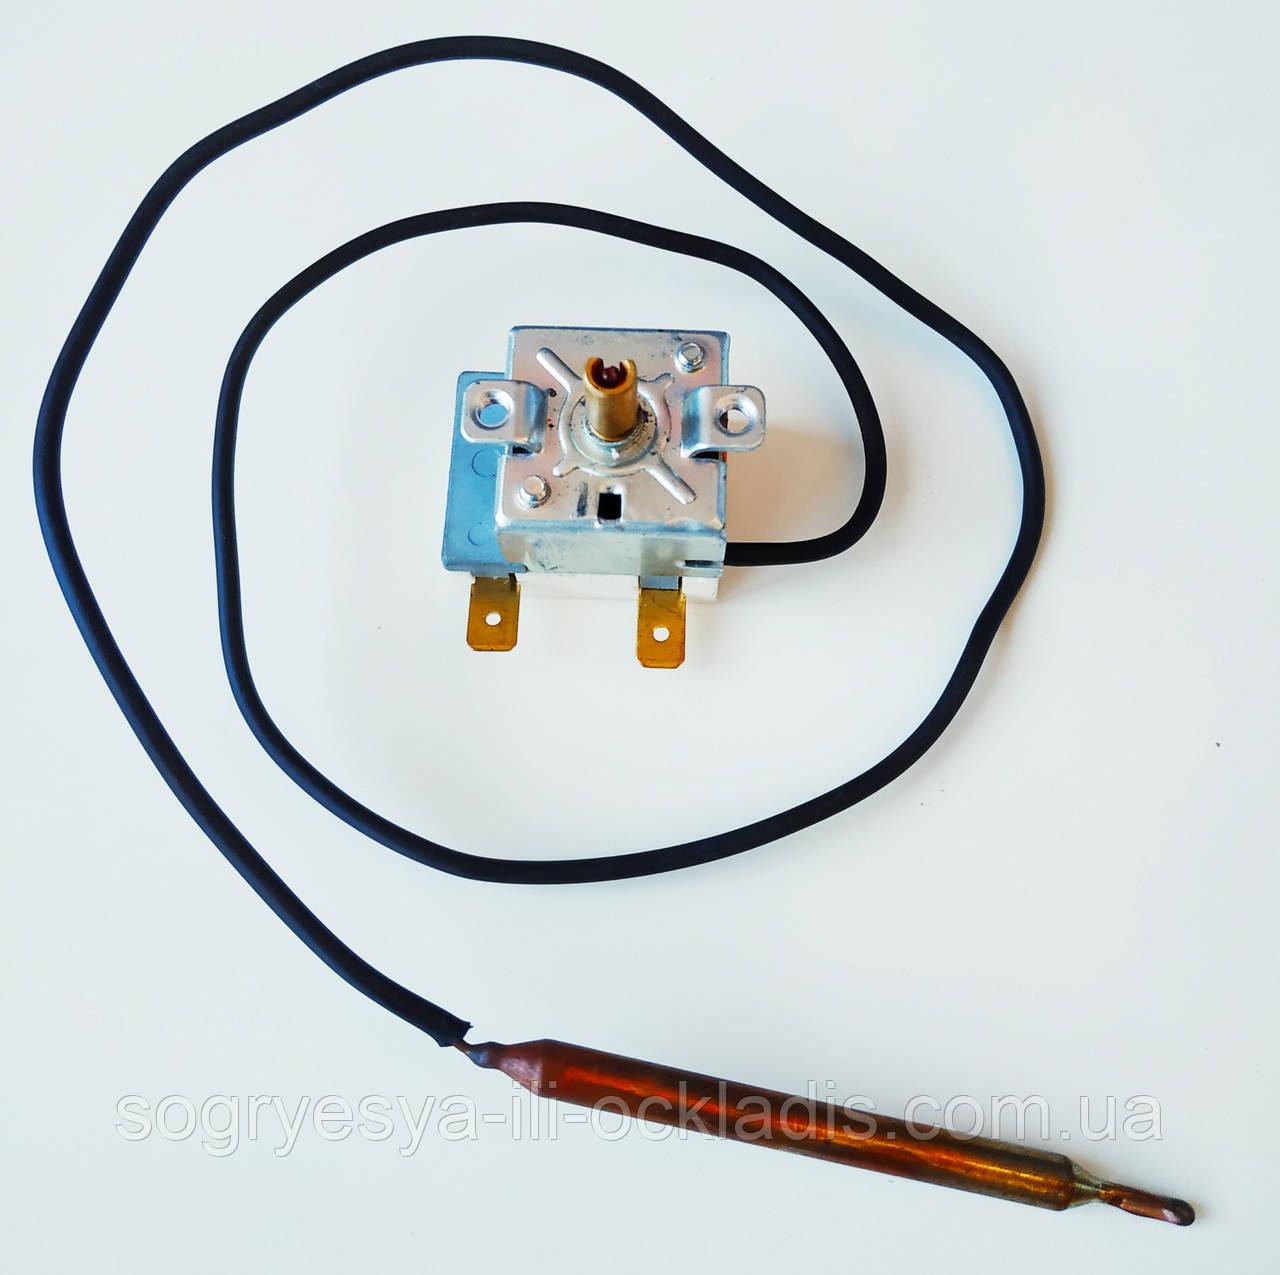 Термостат регулировочный на бойлер ZANUSSI SMALTO  (250V/16A/75°C) код товара: 7096